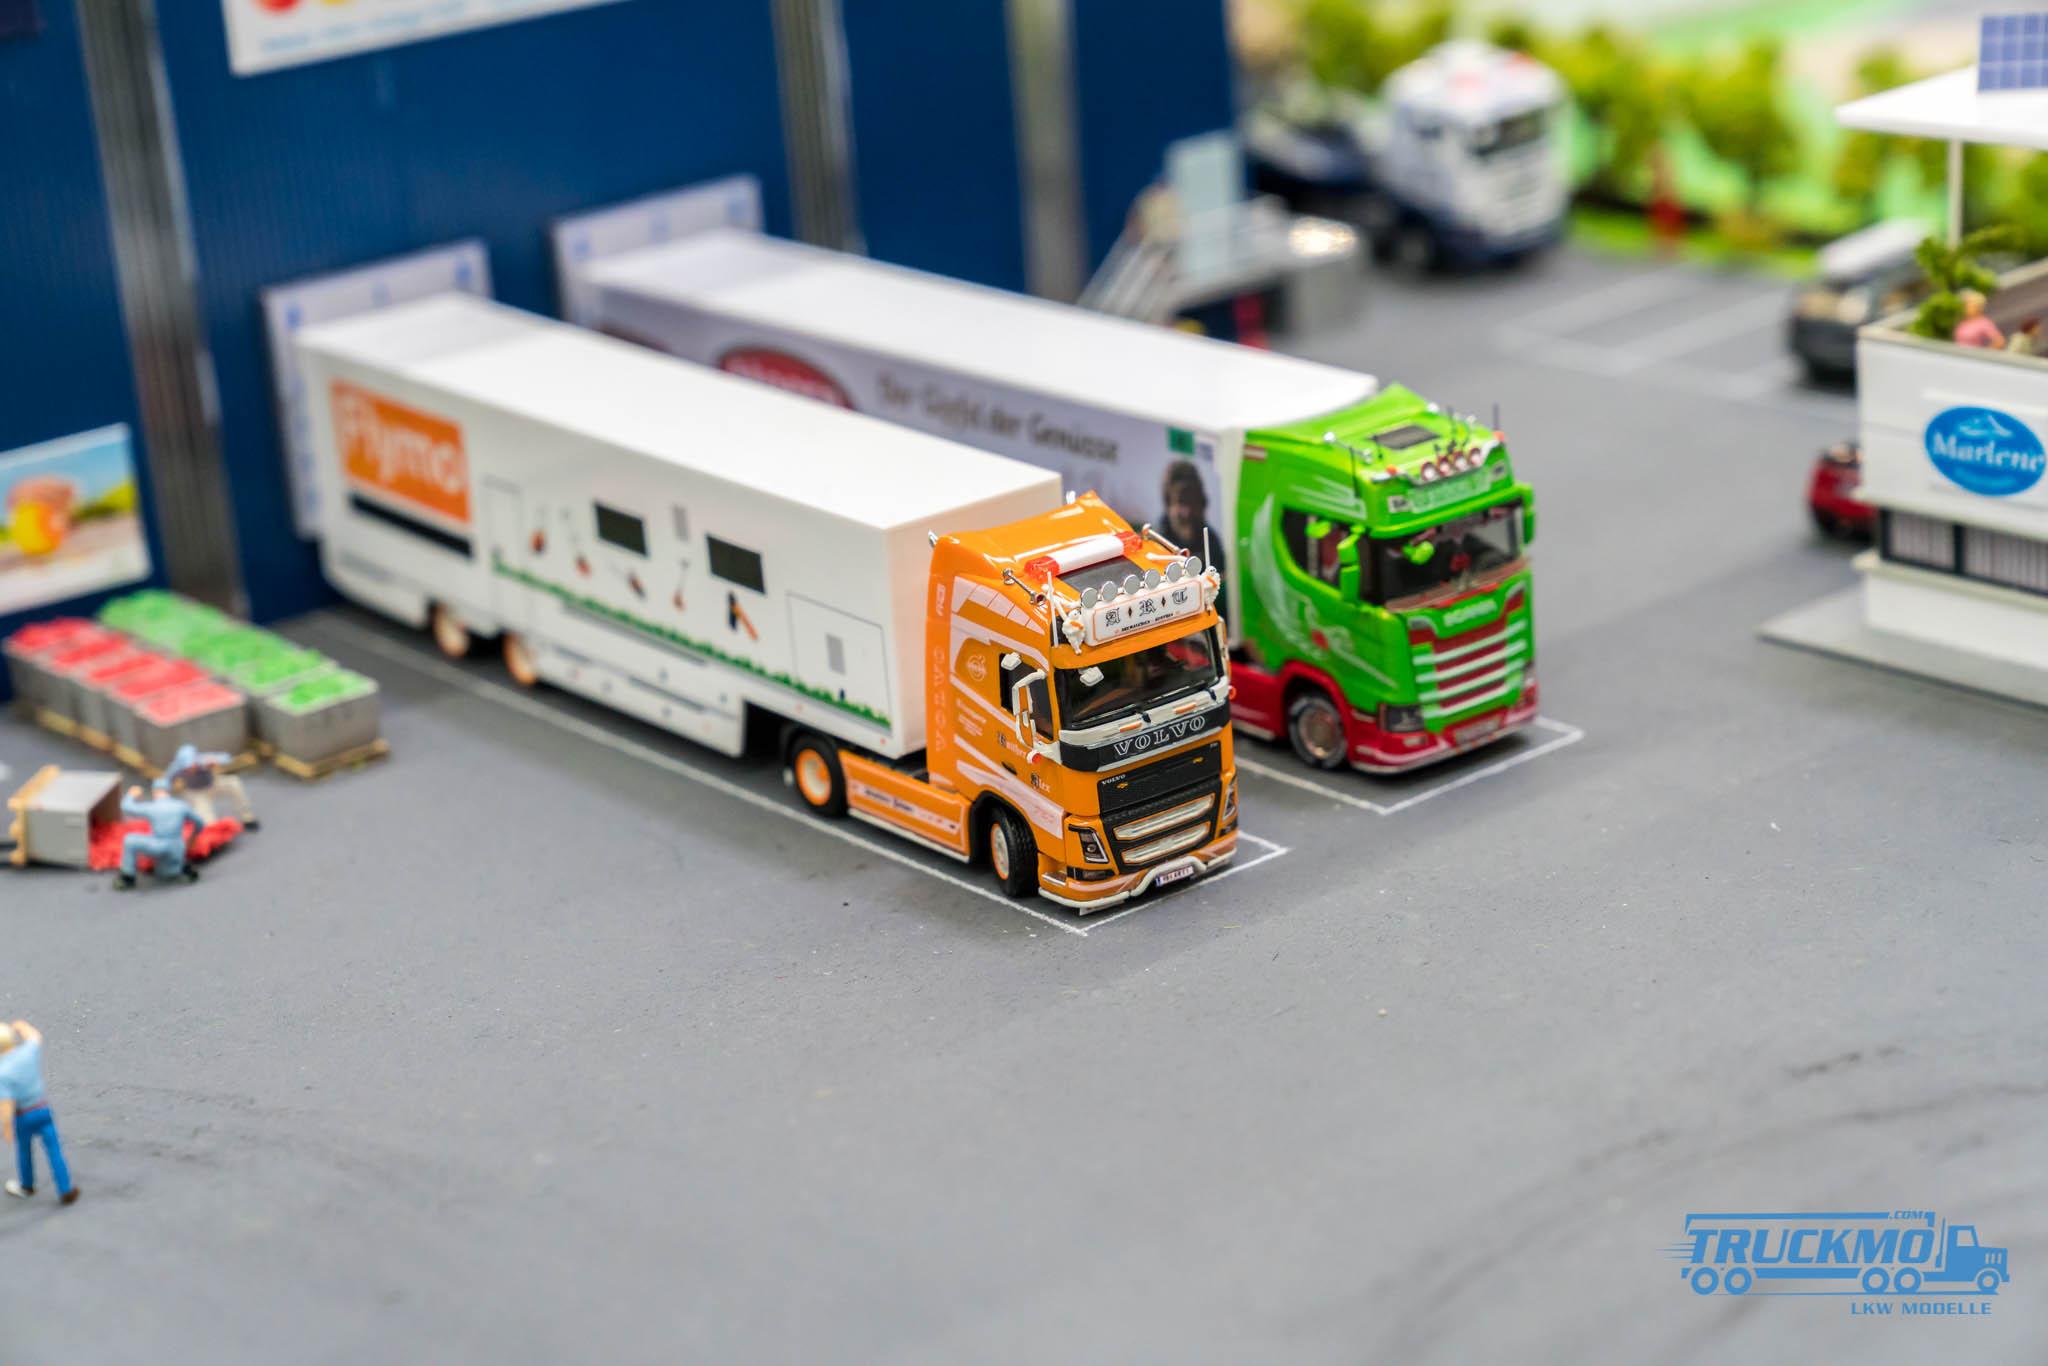 Truckmo_Modellbau_Ried_2017_Herpa_Messe_Modellbauausstellung (161 von 1177)